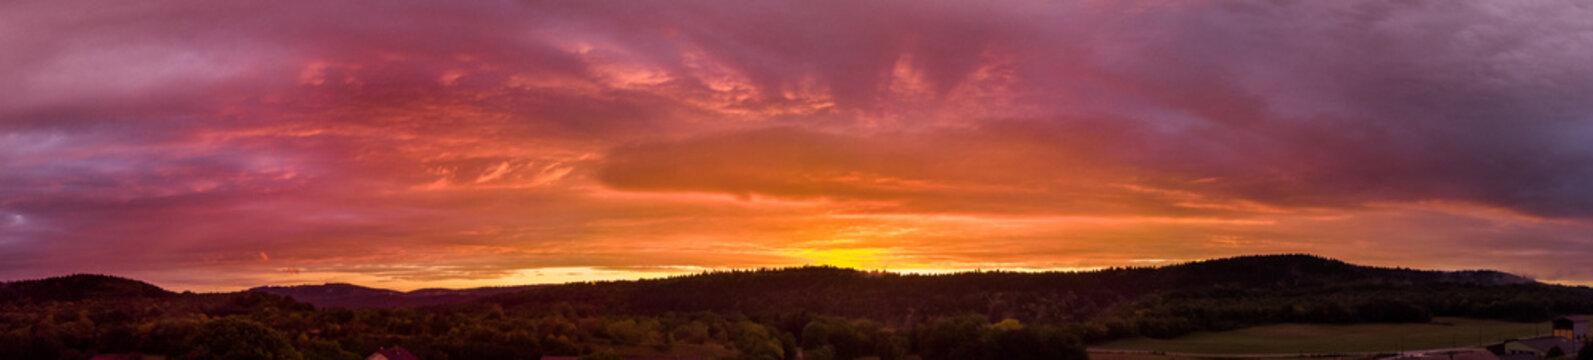 panorama flamboyant sur un coucher de soleil au dessus des montagnes